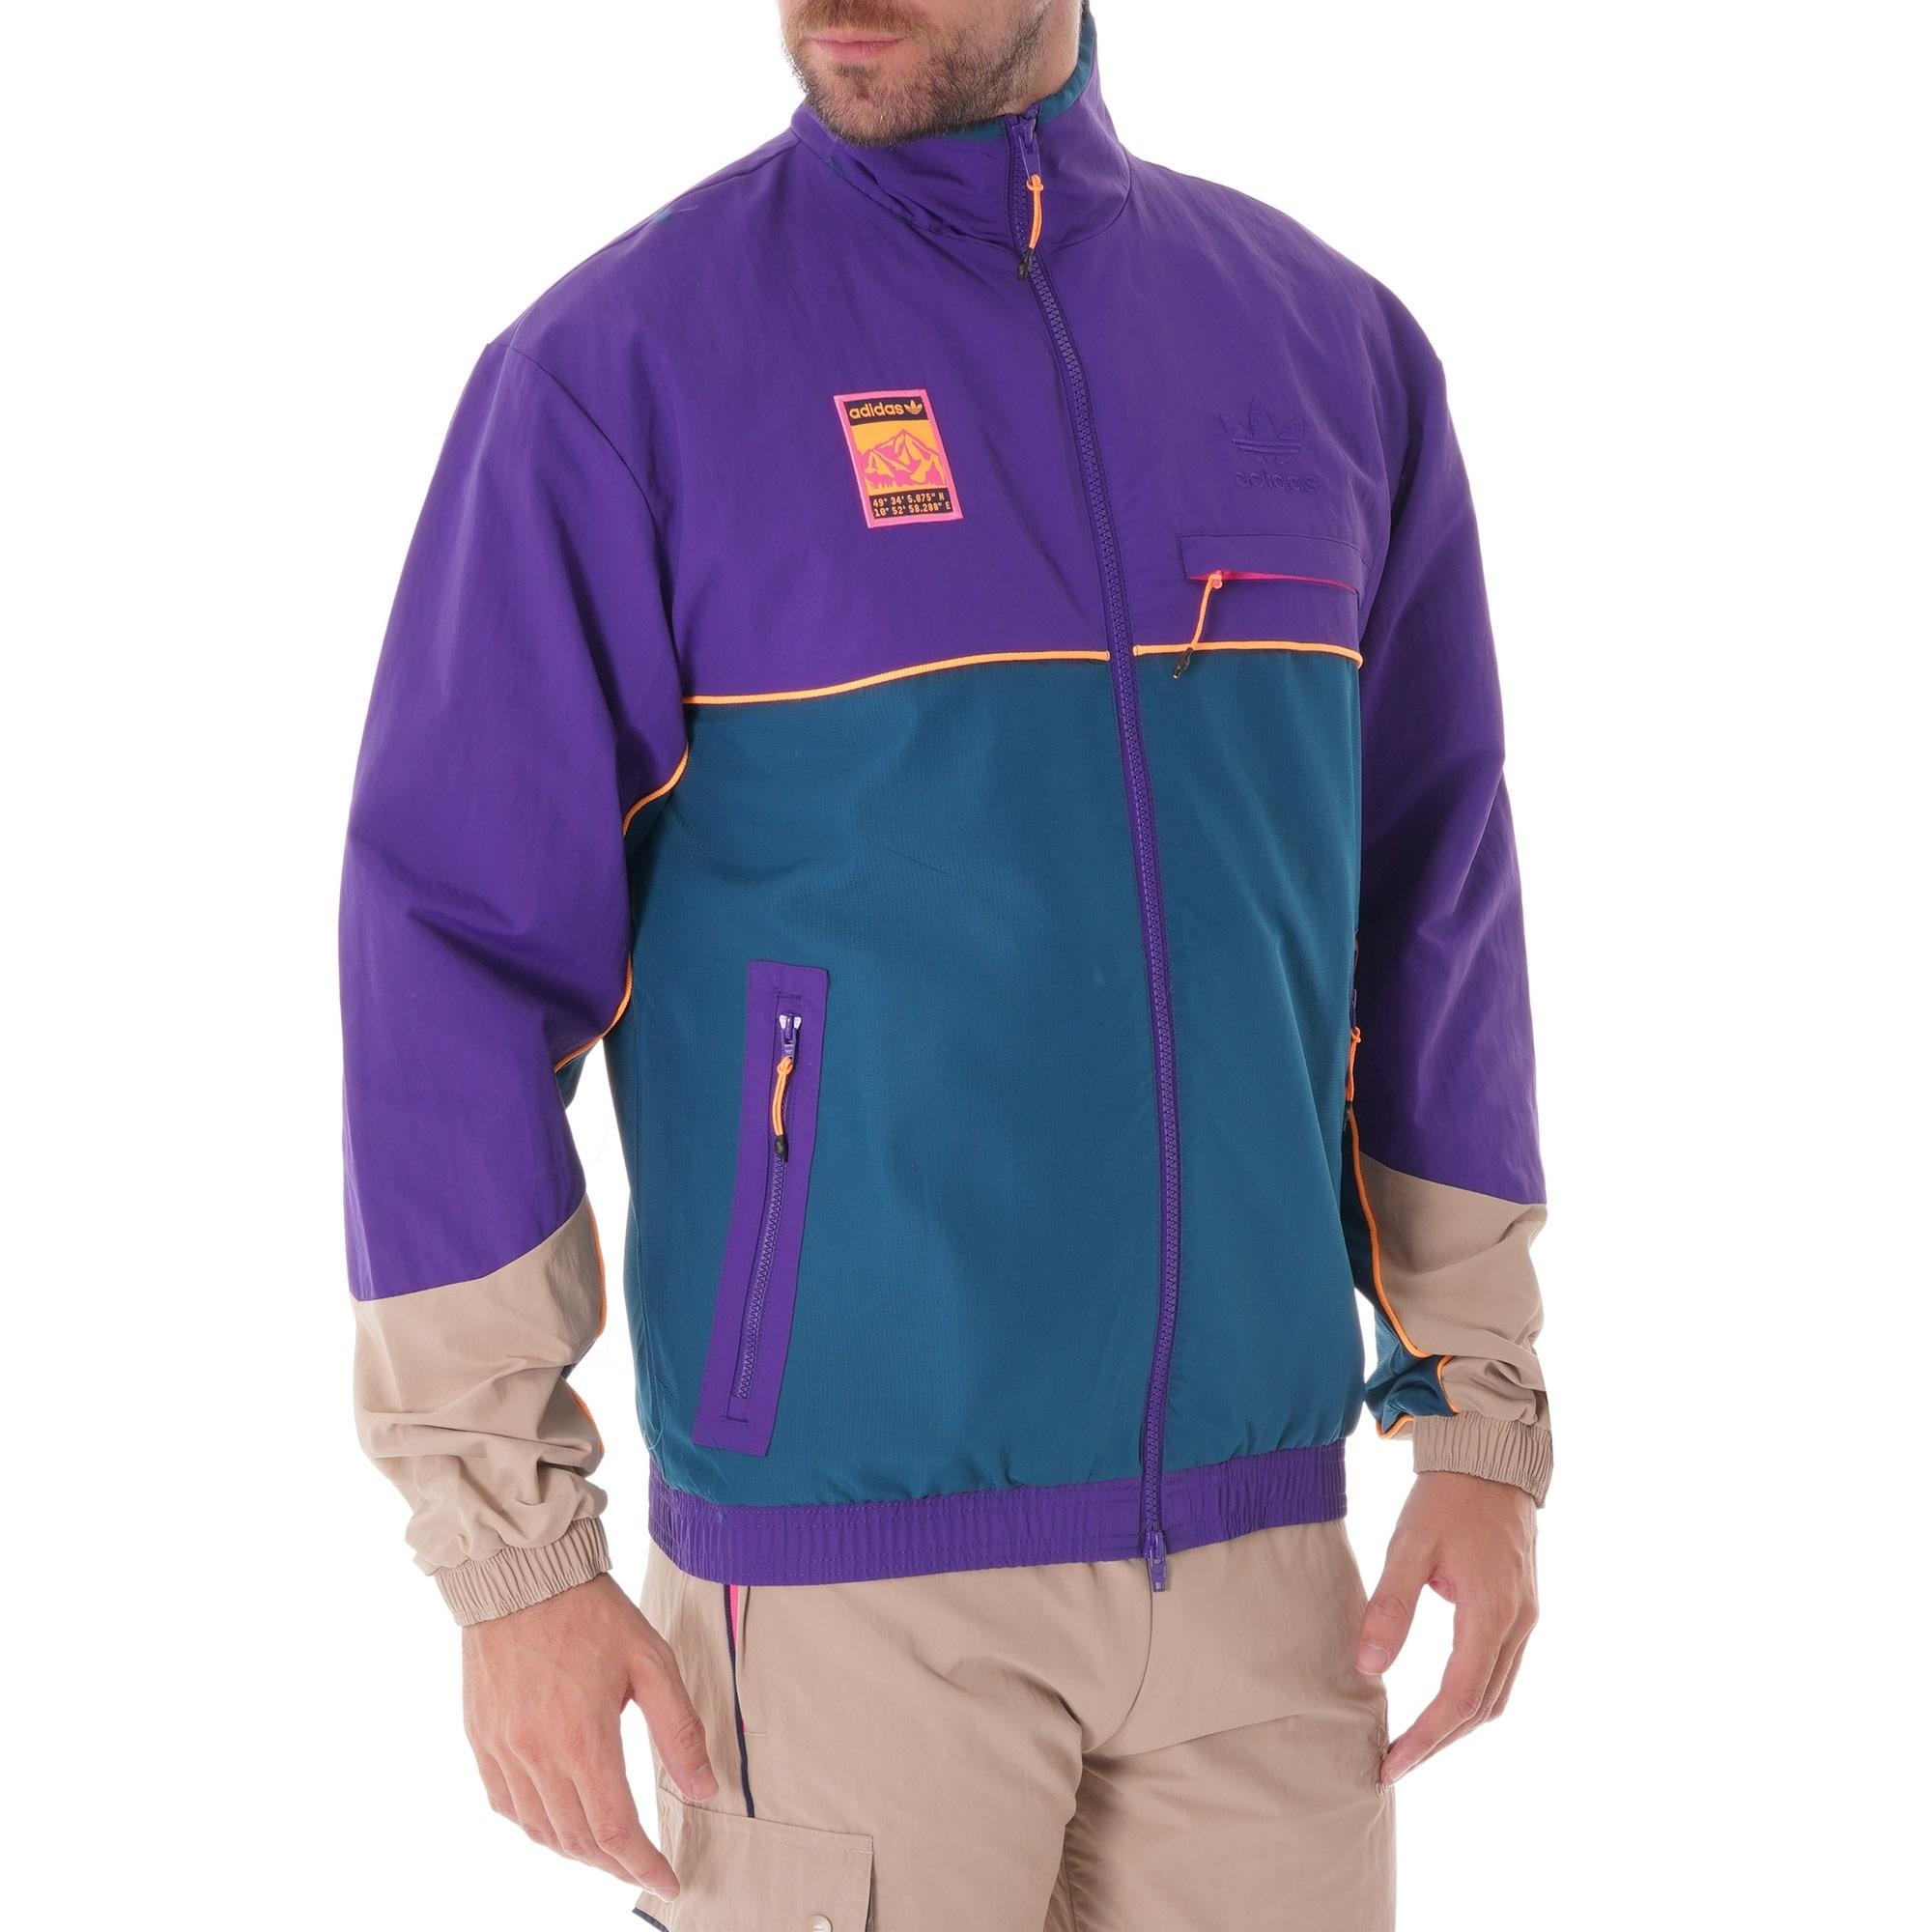 adidas Originals adiplore half zip jacket with hood in purple